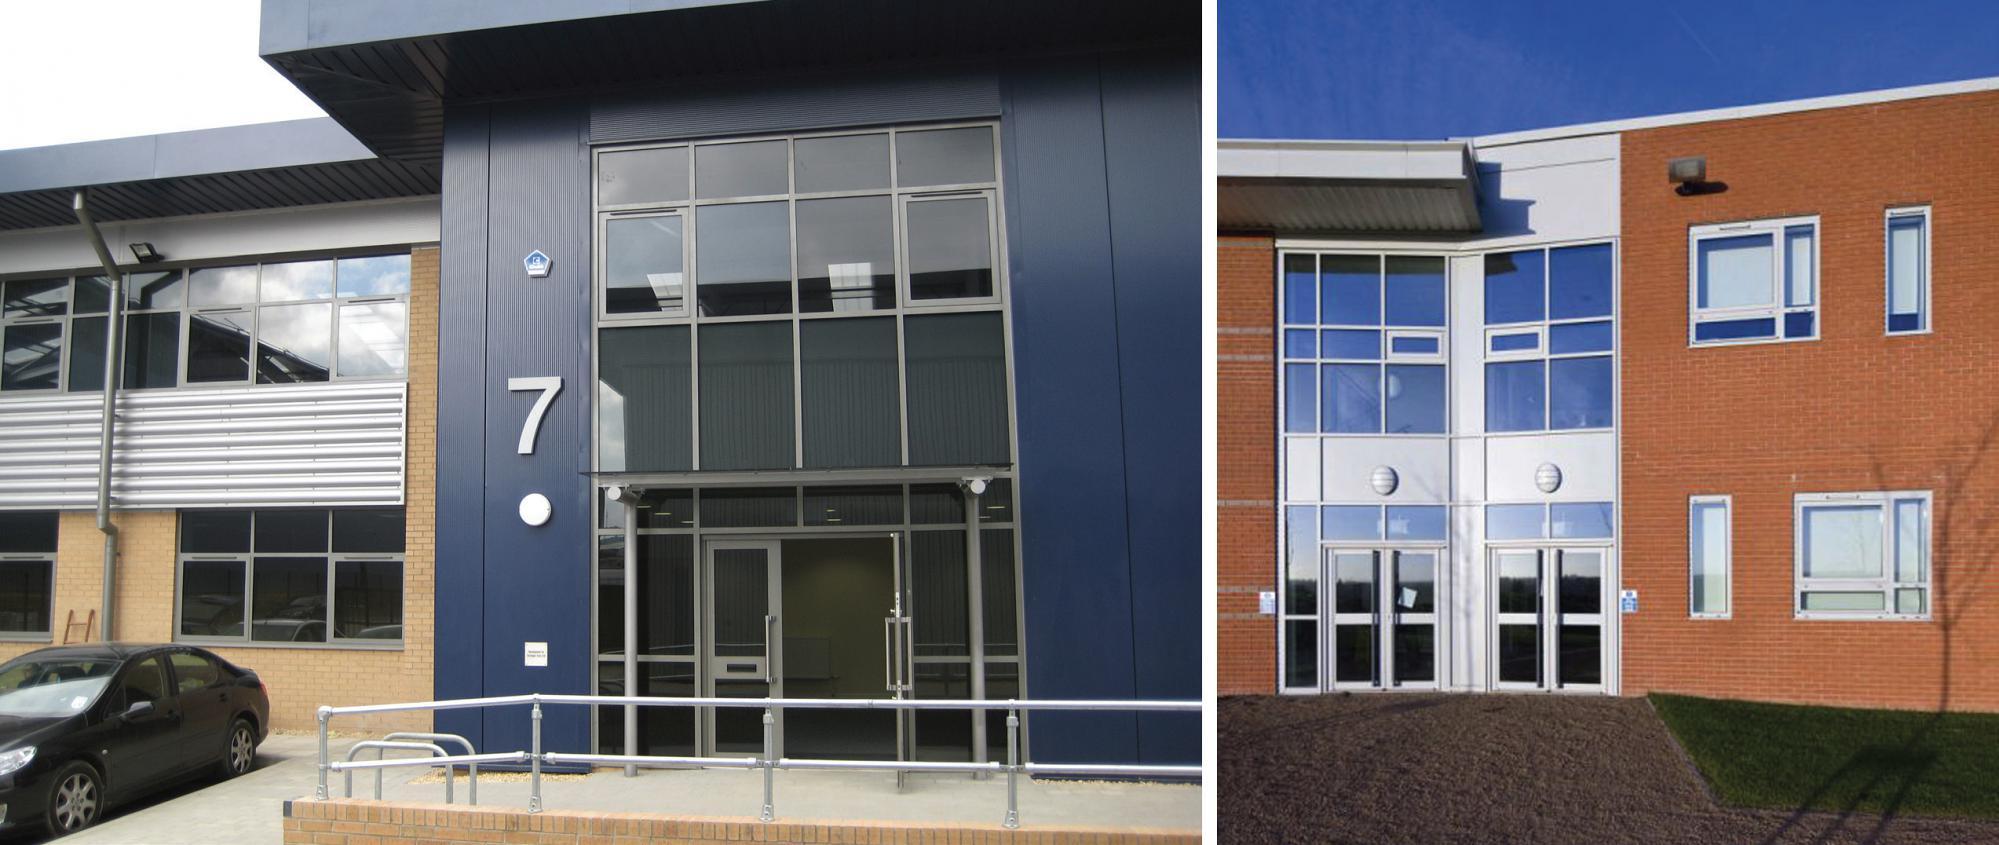 Aluminium Curtain Walling systems